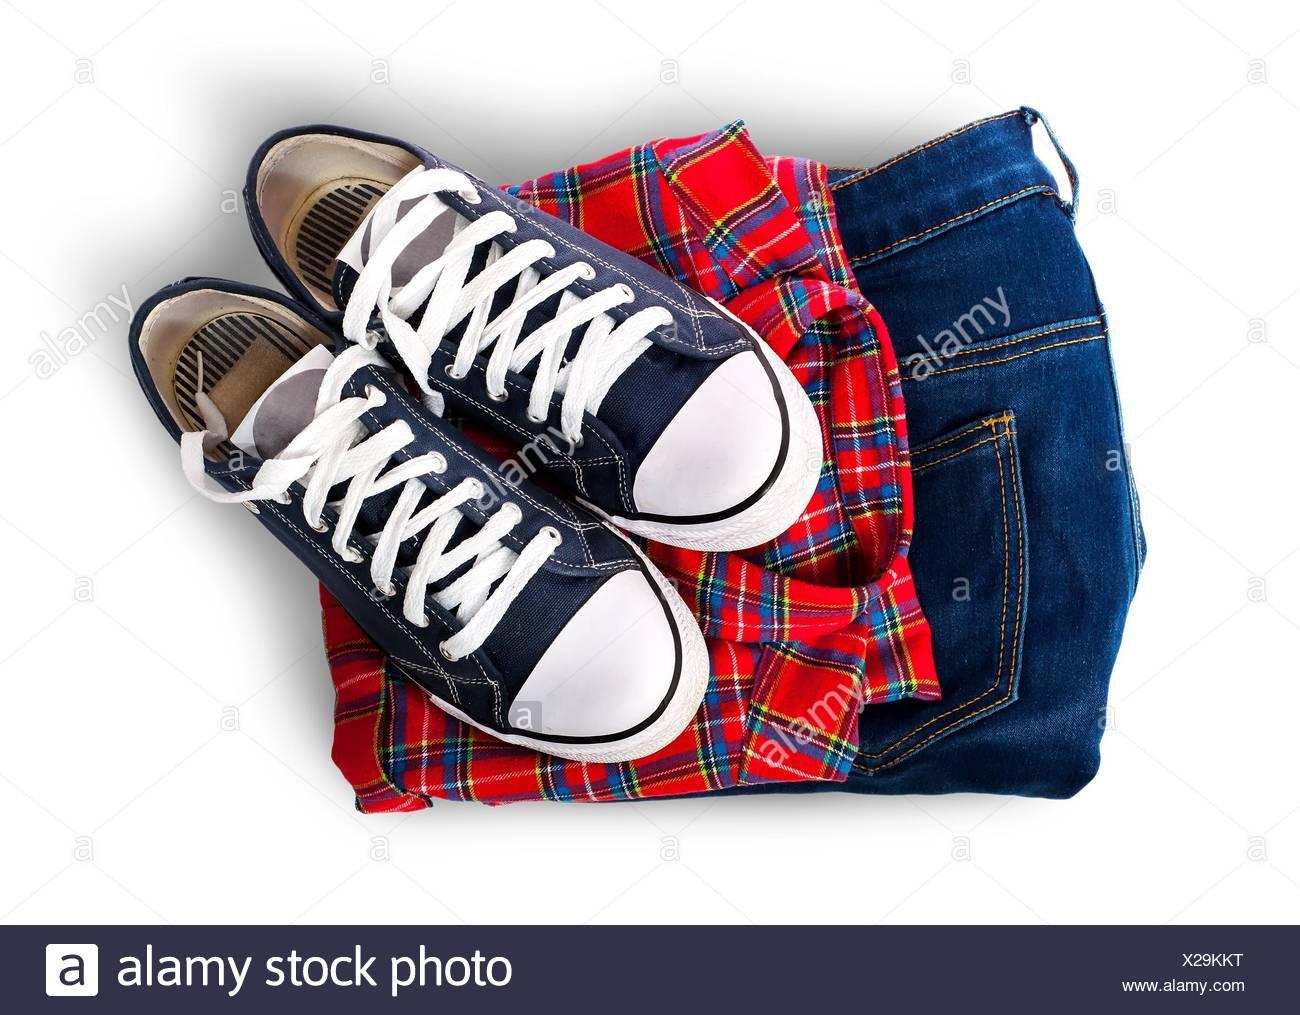 Camiseta pantalones vaqueros y zapatillas deportivas aislado sobre fondo blanco. Imagen De Stock